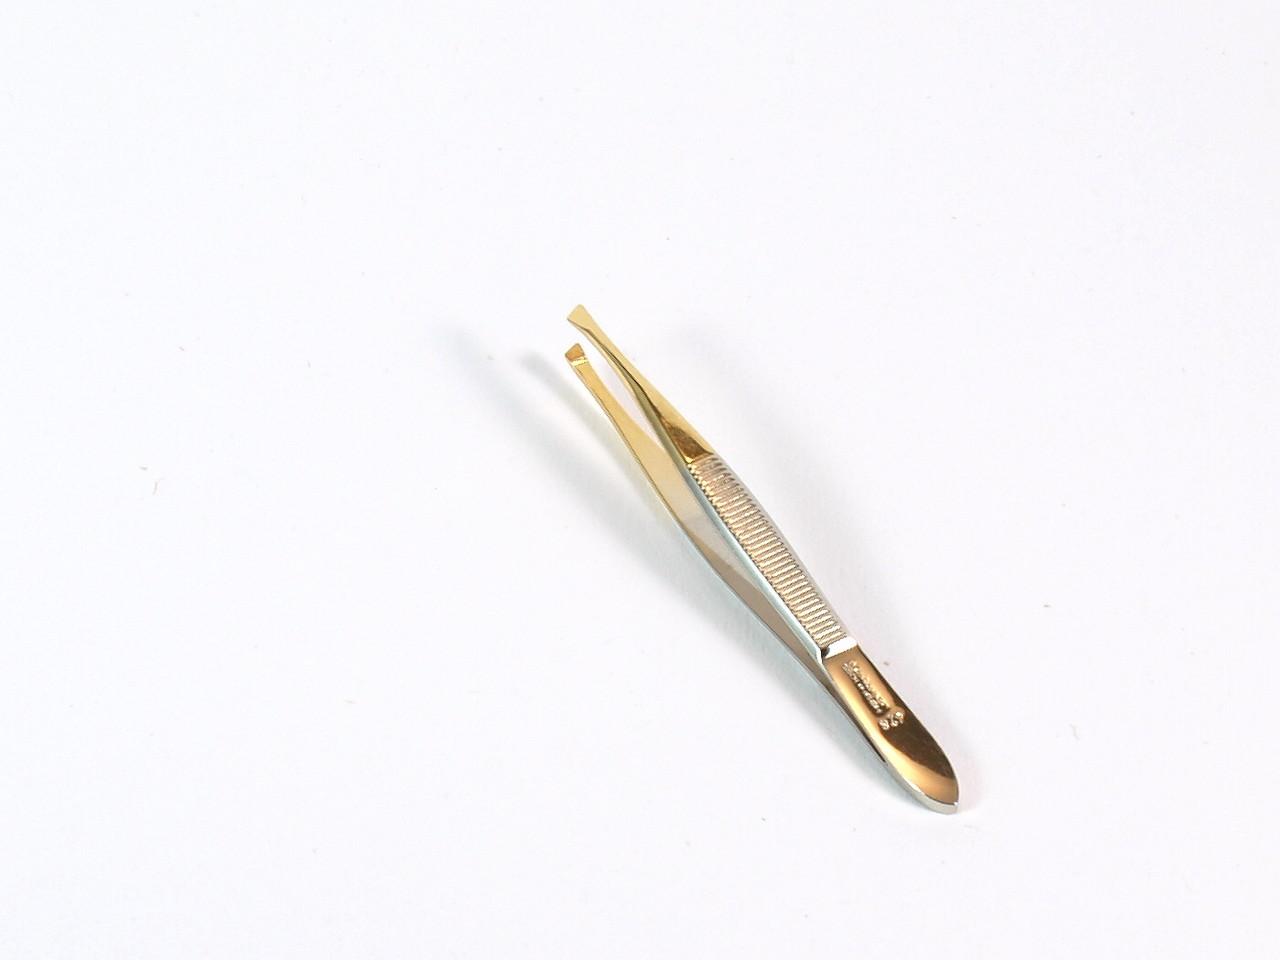 Malteser Nr. 9/428 GS Zupfpinzette Goldspitze, schräg, 8 cm